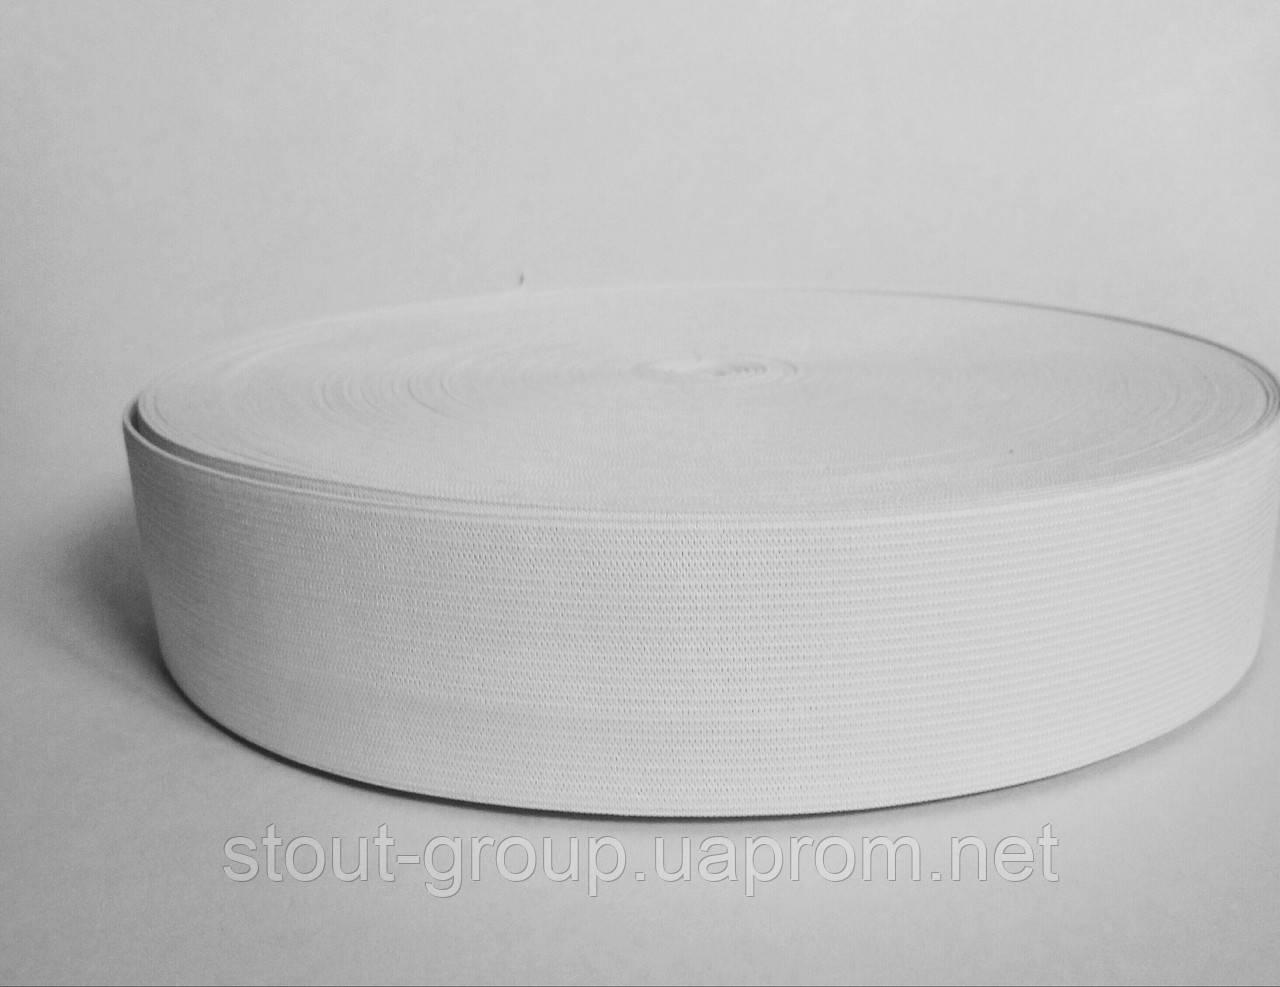 Эластичная лента 50 мм, белая